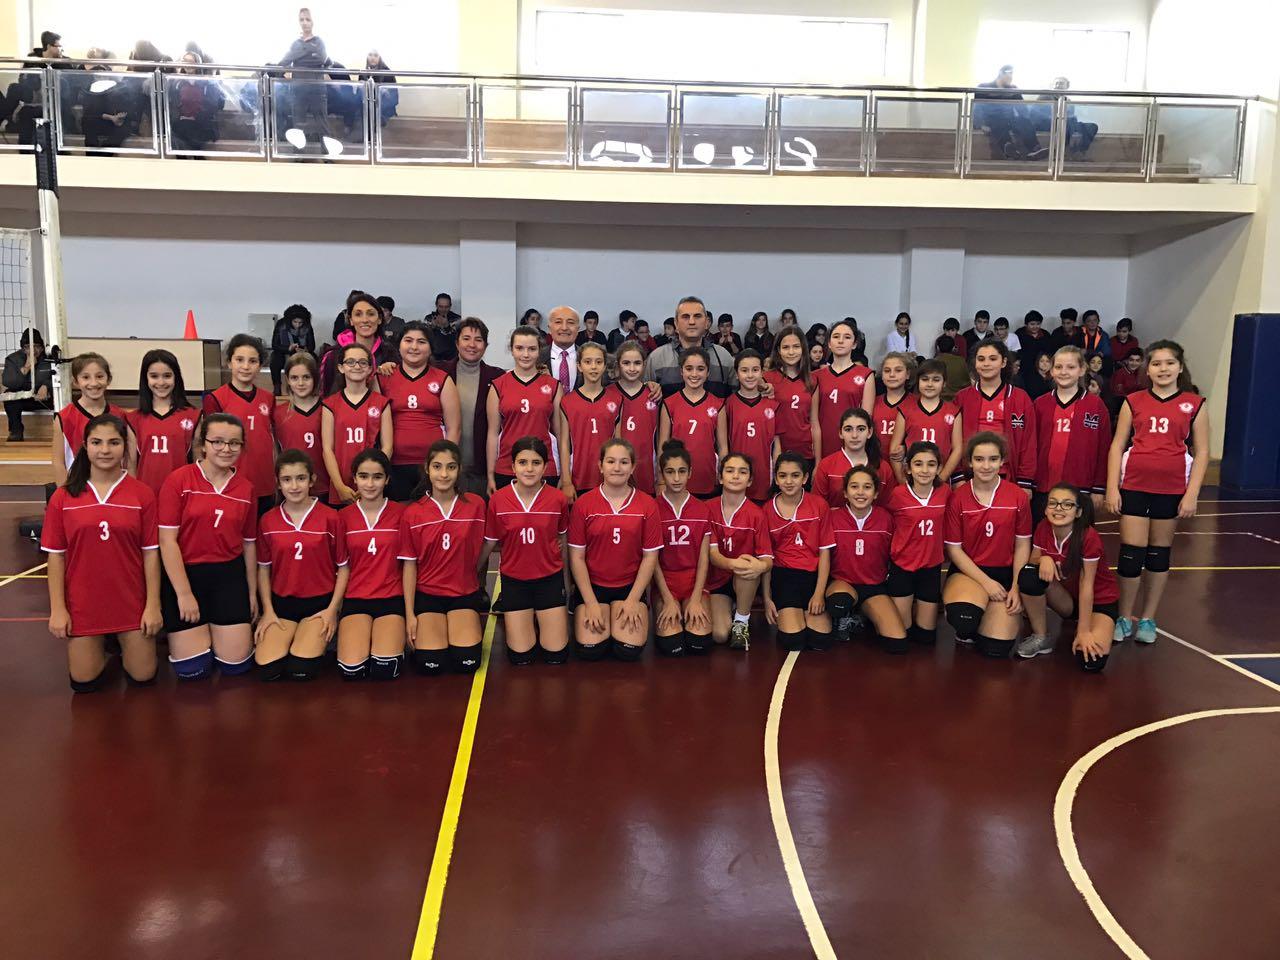 Voleybol Takımımız Emlak Kredi Bankası Ortaokulu Voleybol Takımı ile Dostluk Maçı Yaptı